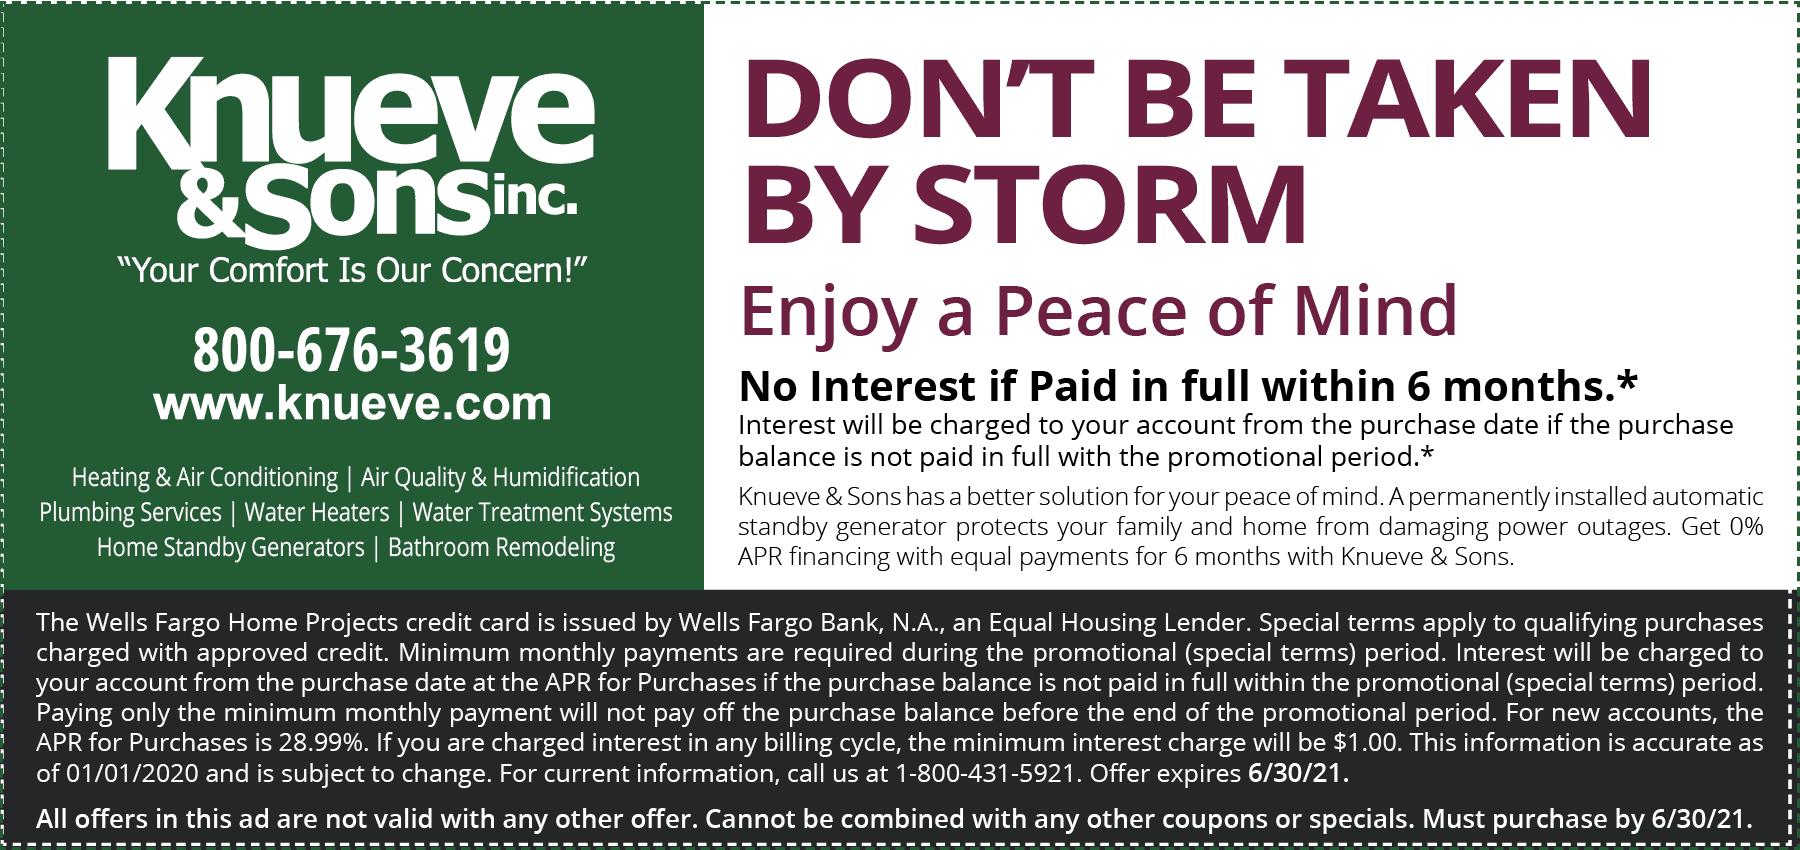 KNU-storm-coupon